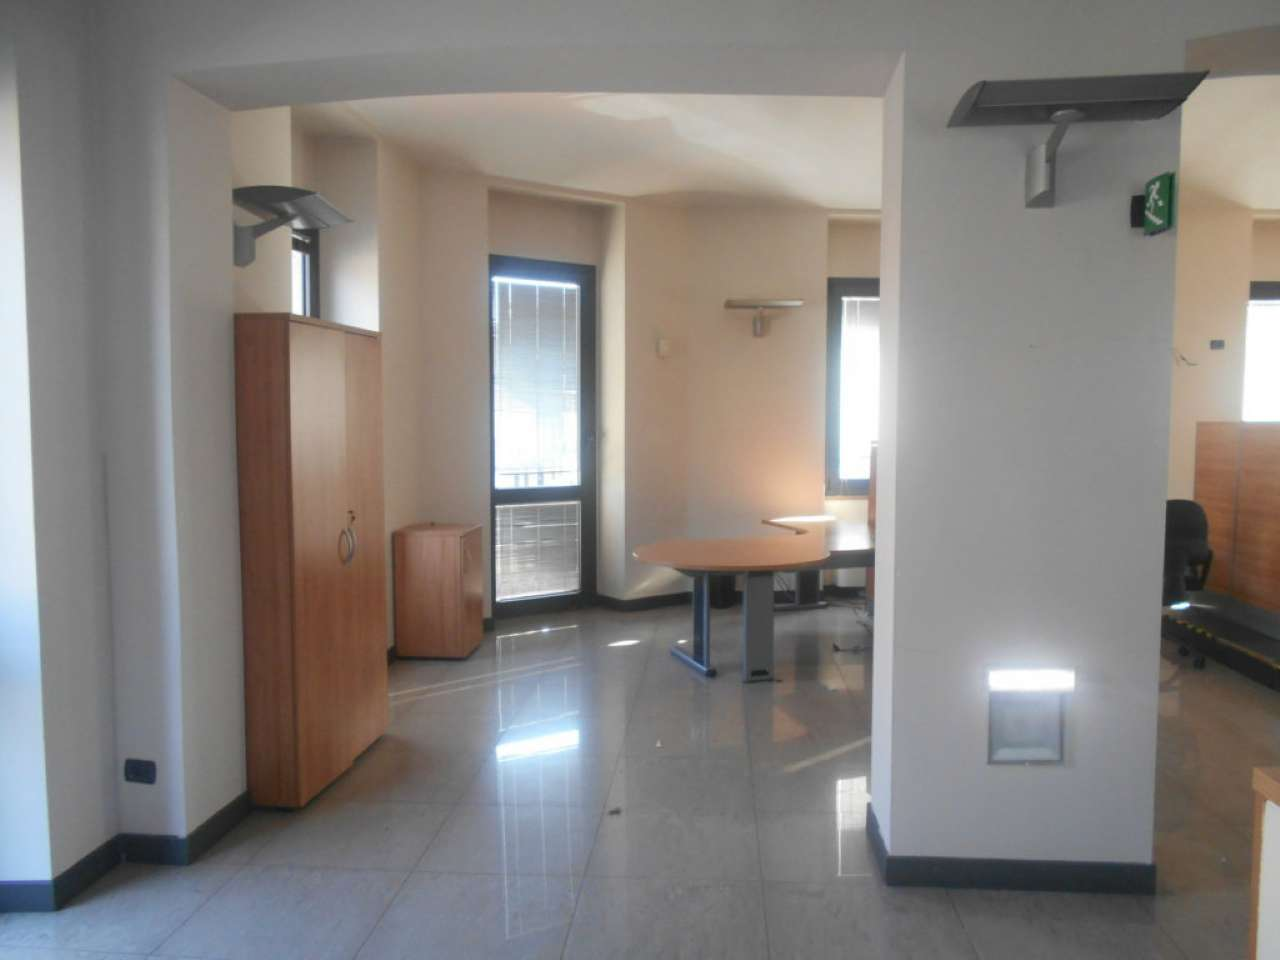 Ufficio / Studio in vendita a Collegno, 7 locali, prezzo € 600.000 | CambioCasa.it